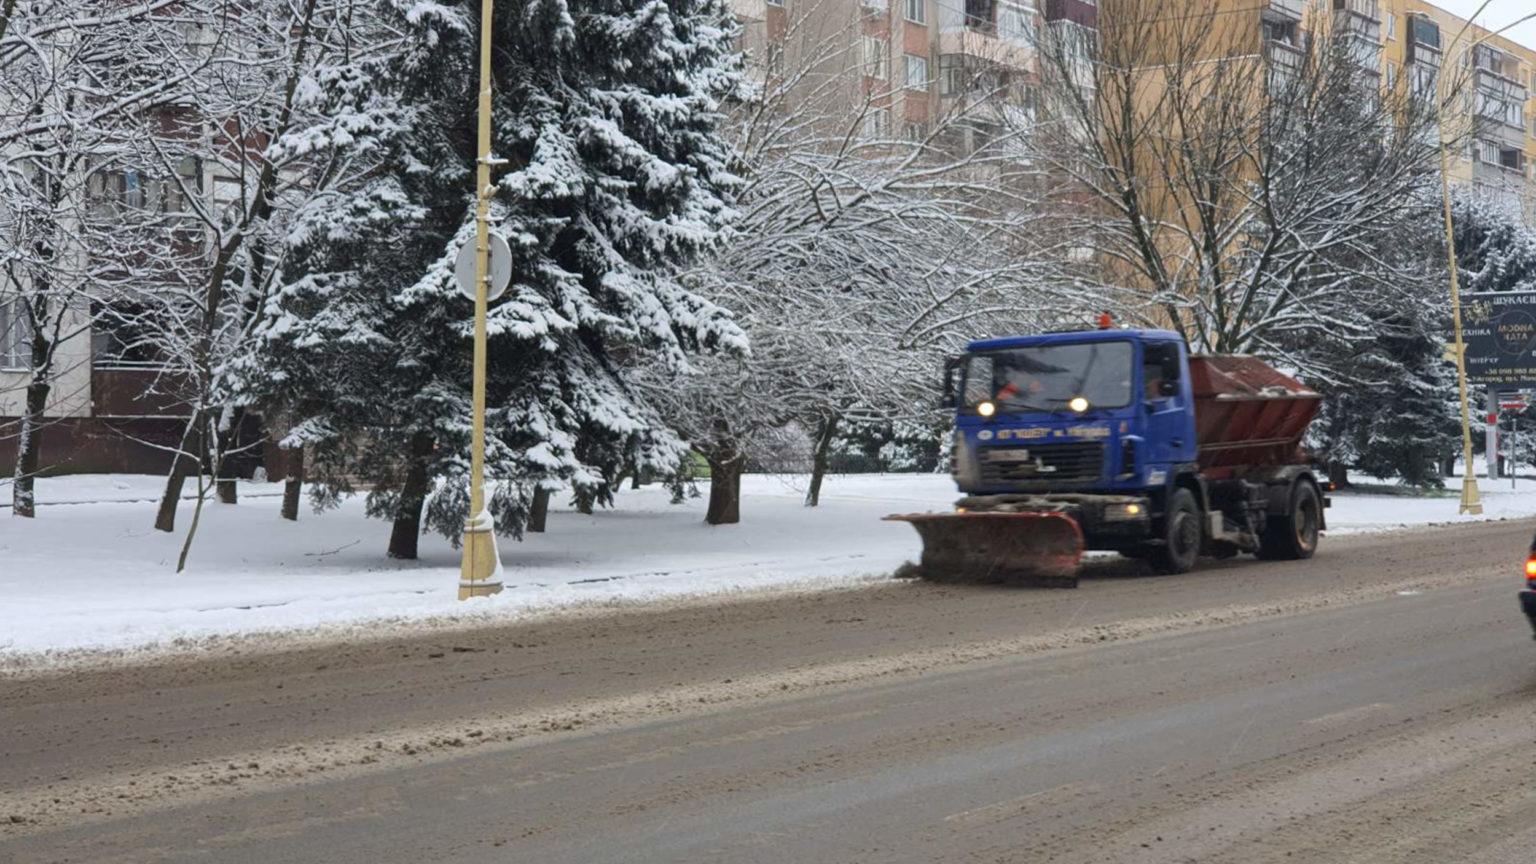 Постоянный запрос водителям в Ужгороде: не оставляйте припаркованные автомобили на обочине улиц, потому что коммунальная техника не может должным образом убрать снег.